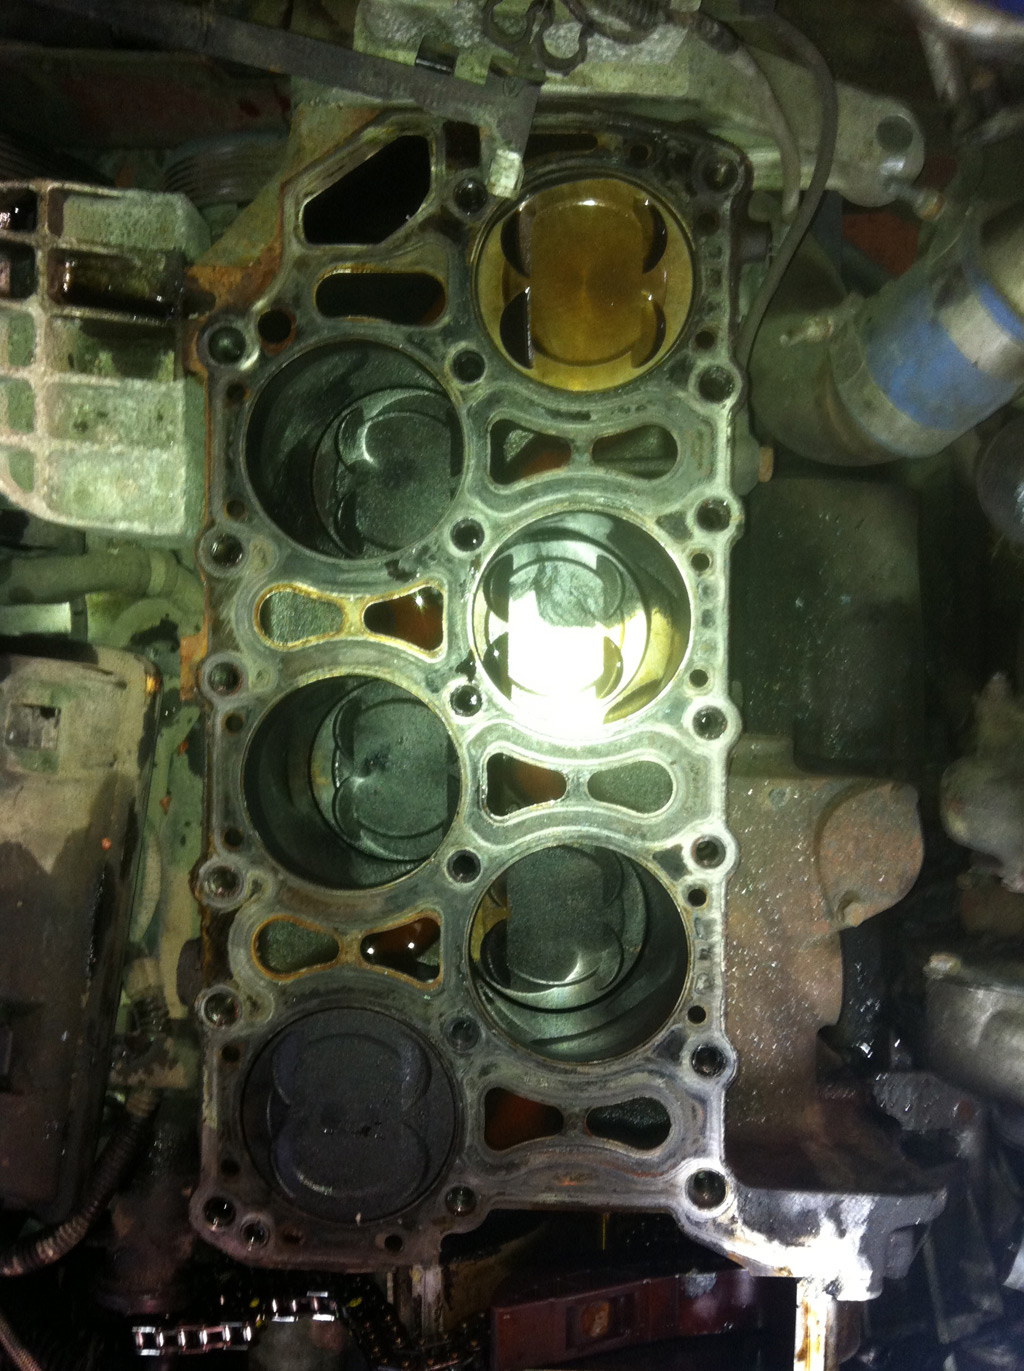 Friends Audi Tt Vr6 Turbo Kaputt Audi Tt Mk1 8n Tuning Parts